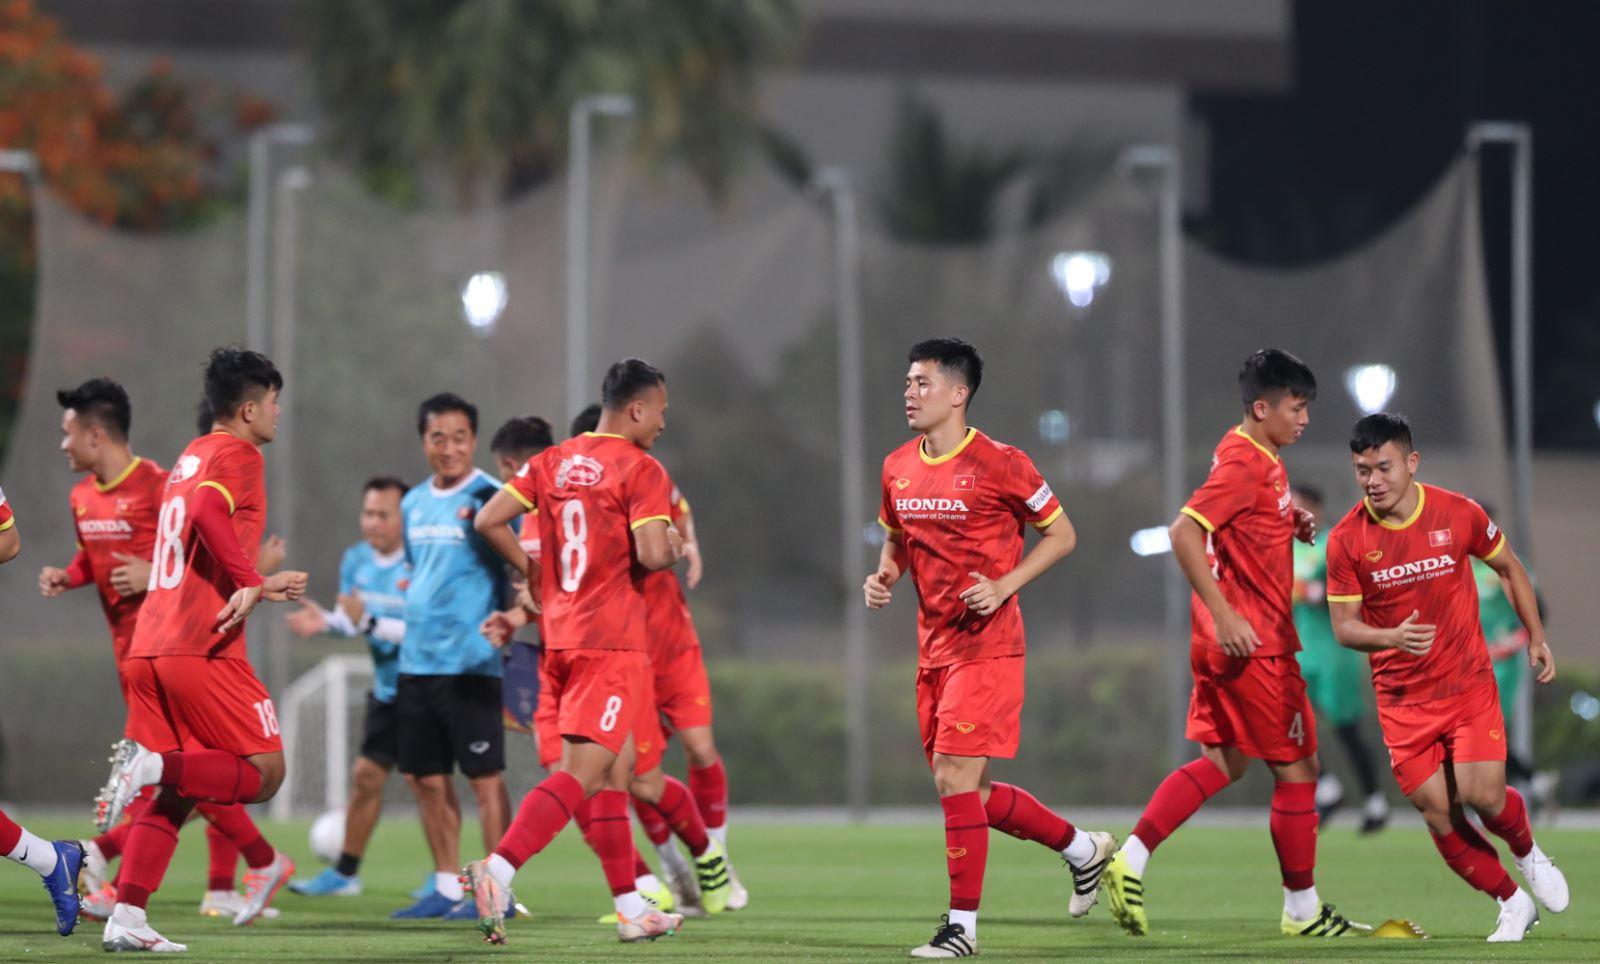 Kết quả bóng đá vòng loại World Cup 2022 bảng G khu vực châu Á, Việt Nam - Indonesia, UAE - Thái Lan, Kết quả bóng đá Việt Nam hôm nay, VTV6 trực tiếp bóng đá Việt Nam